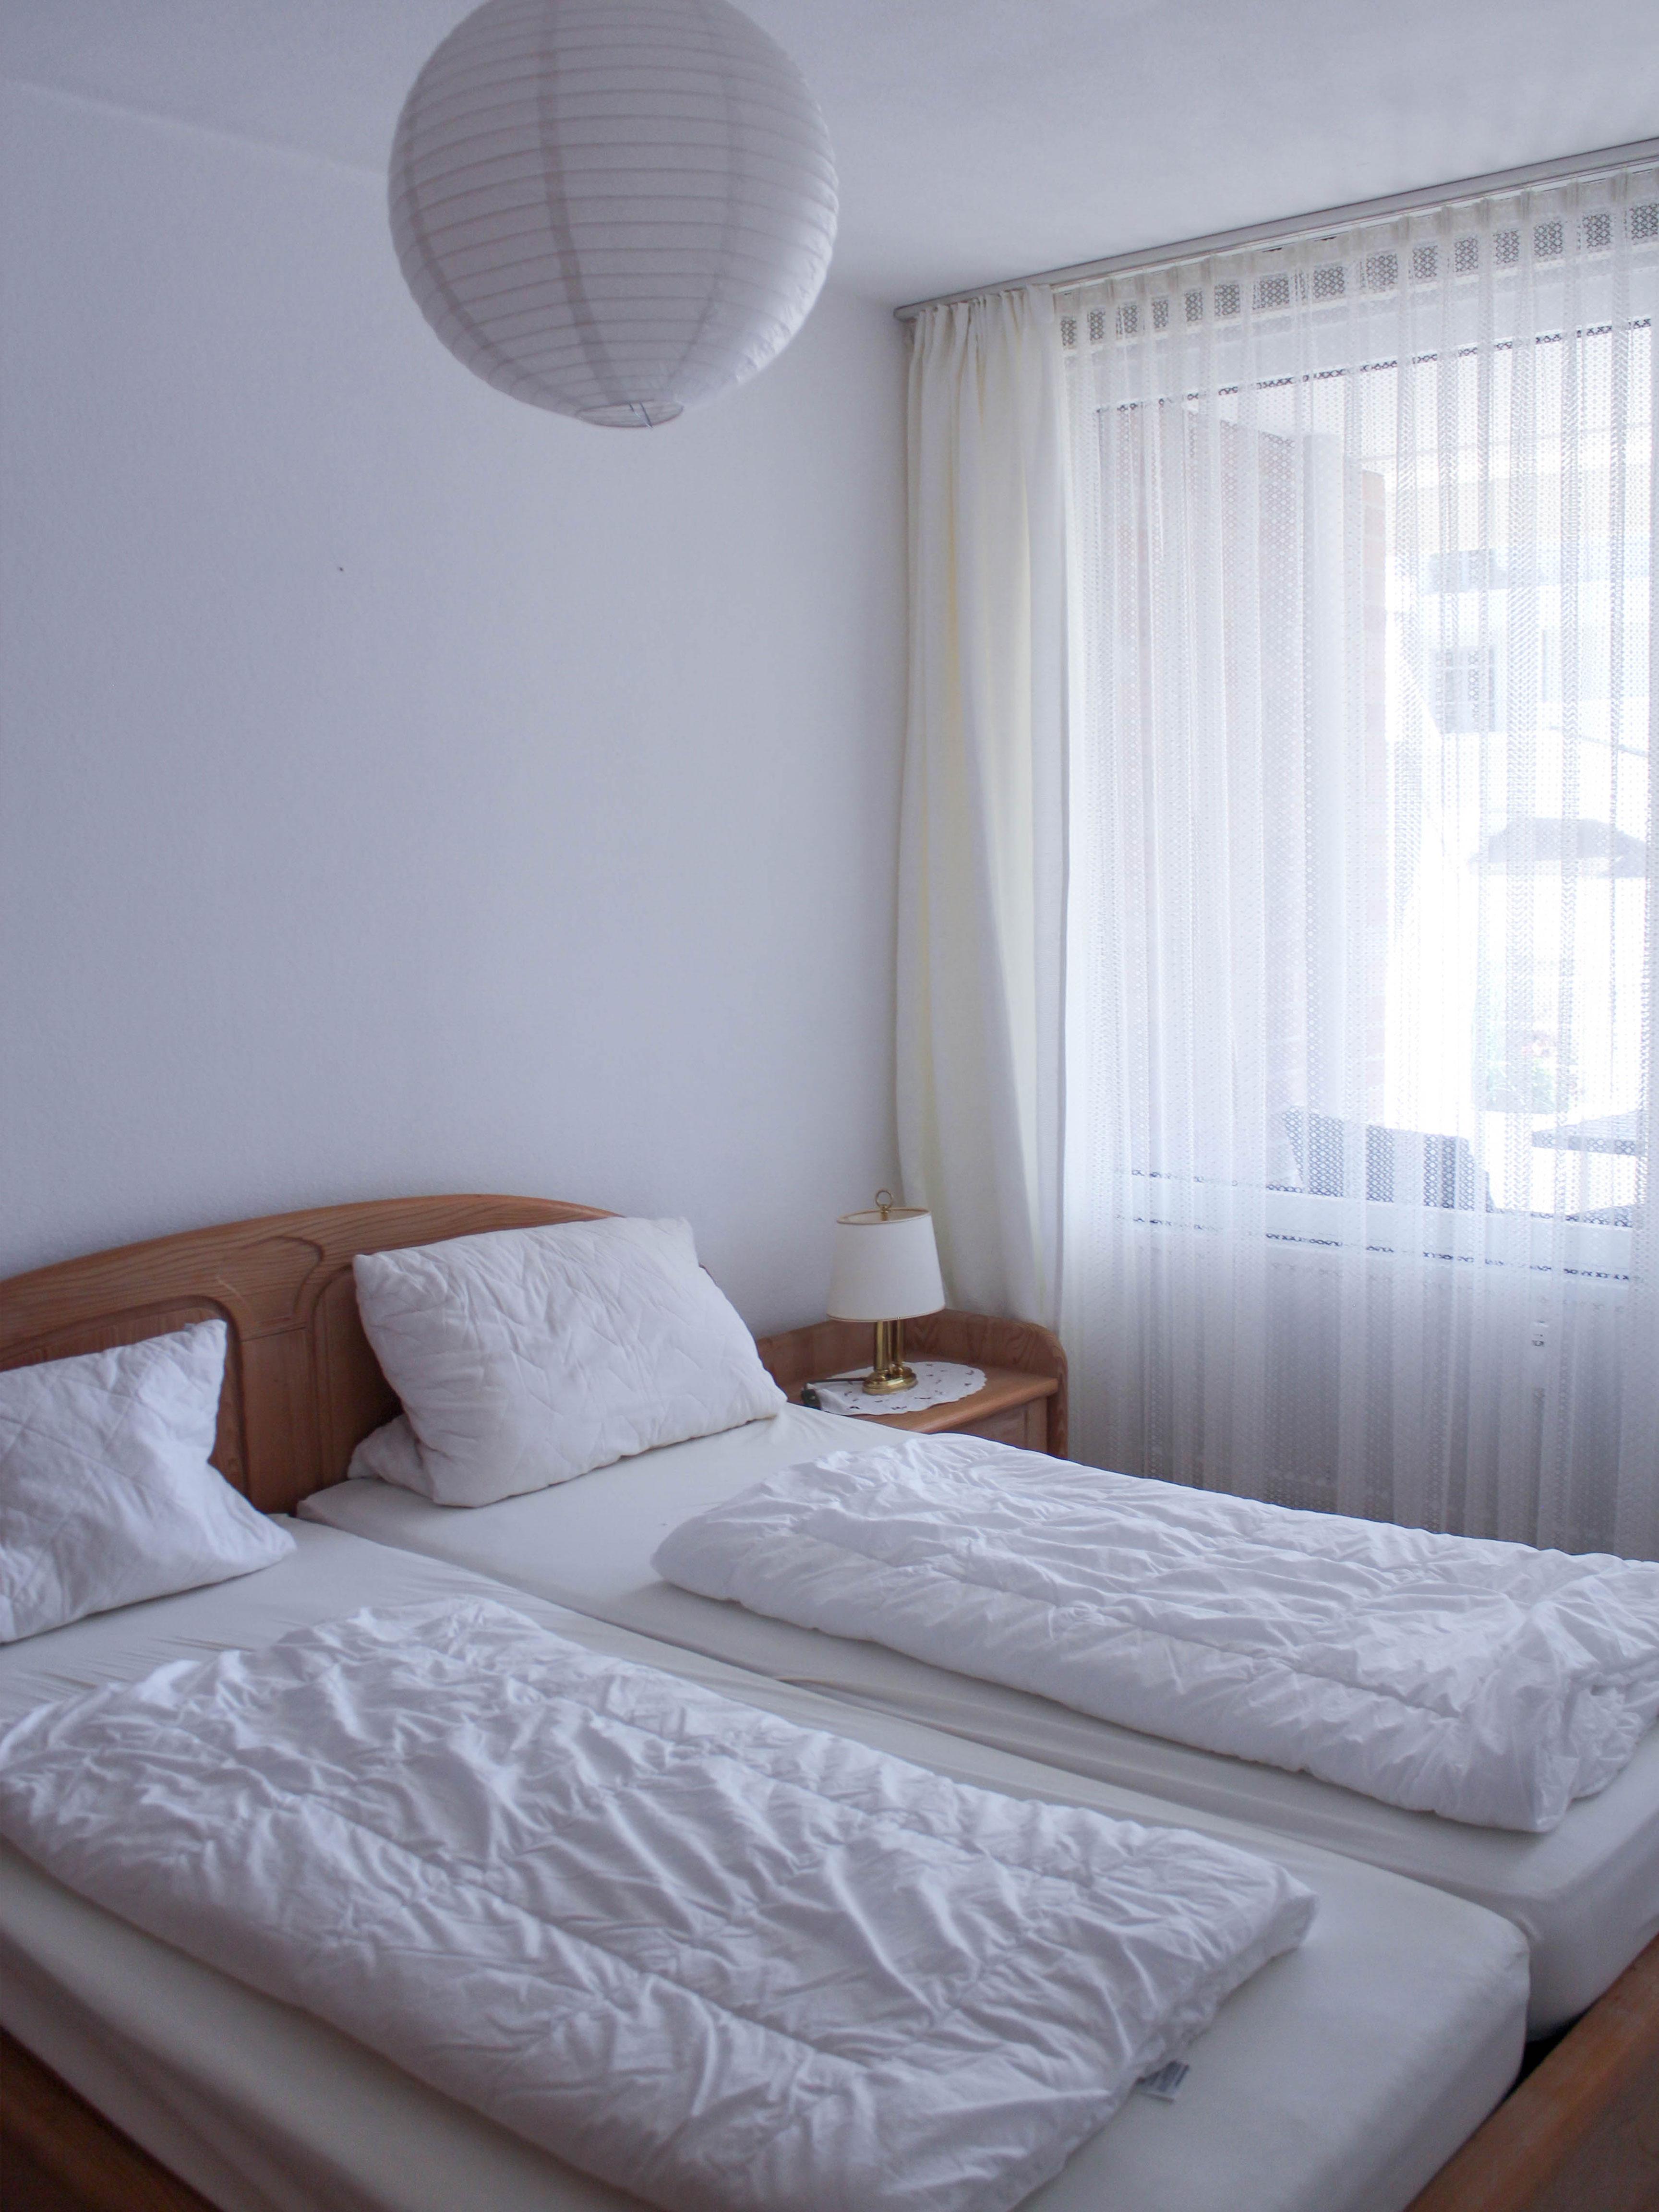 Unsere Ferienwohnungen | Hotel Royal in Timmendorfer Strand ...